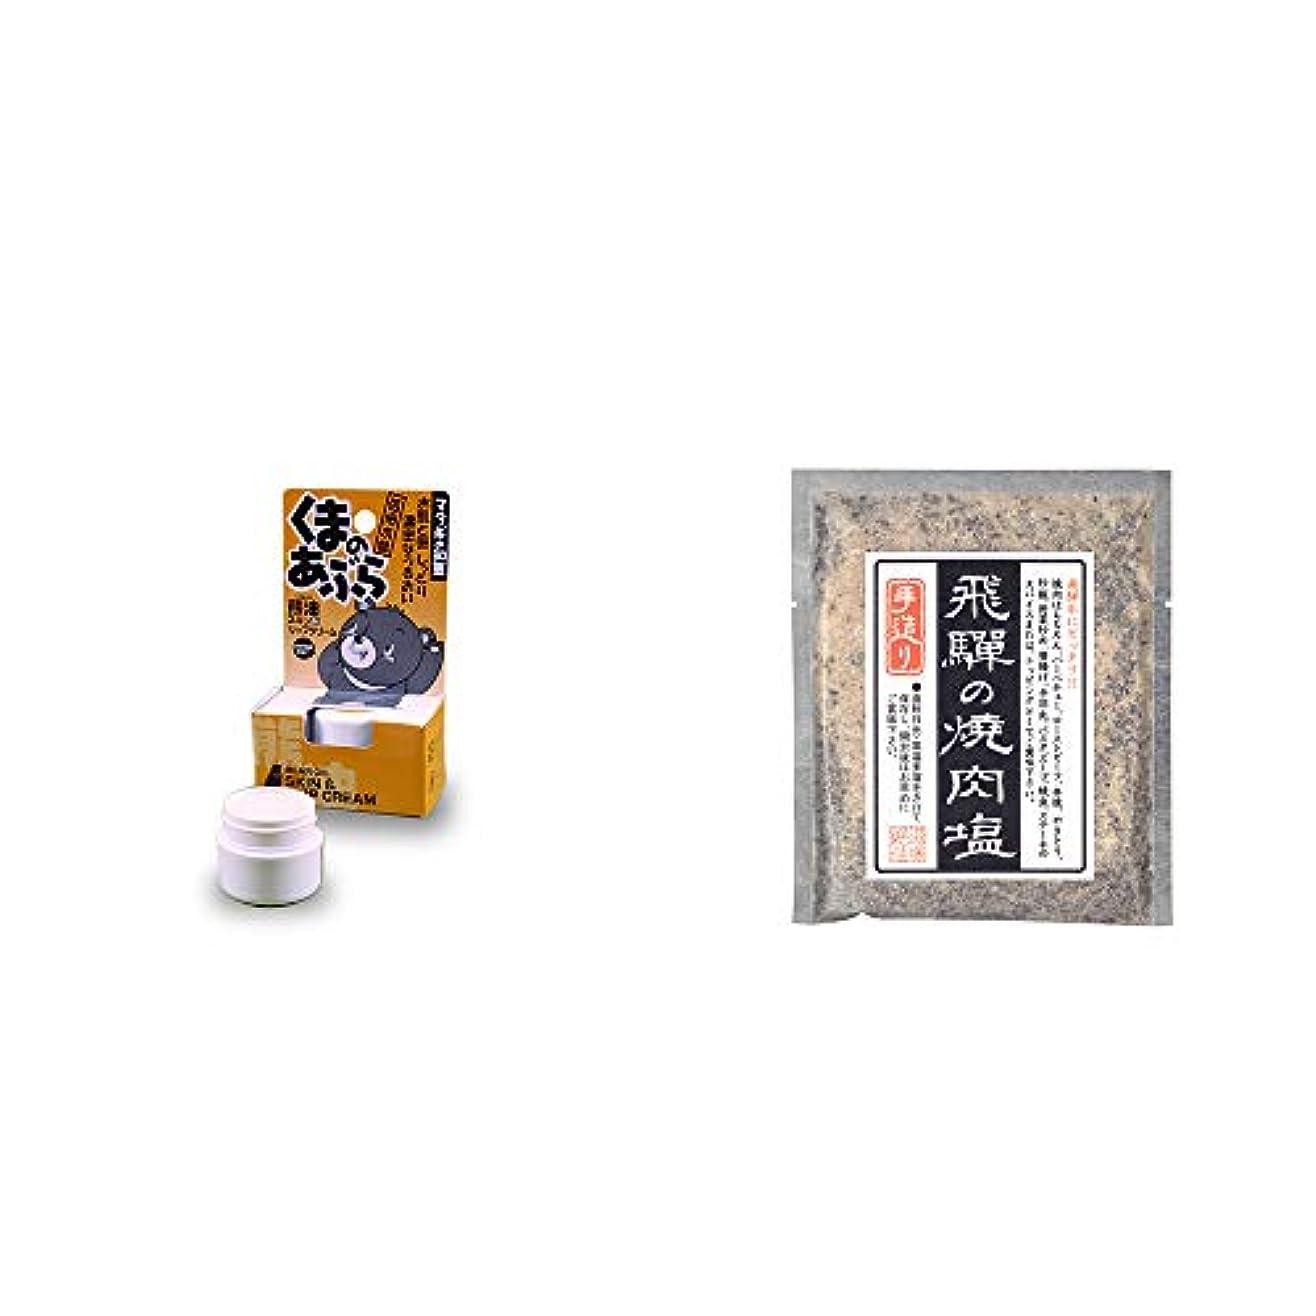 かけるウルル宇宙[2点セット] 信州木曽 くまのあぶら 熊油スキン&リップクリーム(9g)?手造り 飛騨の焼肉塩(80g)